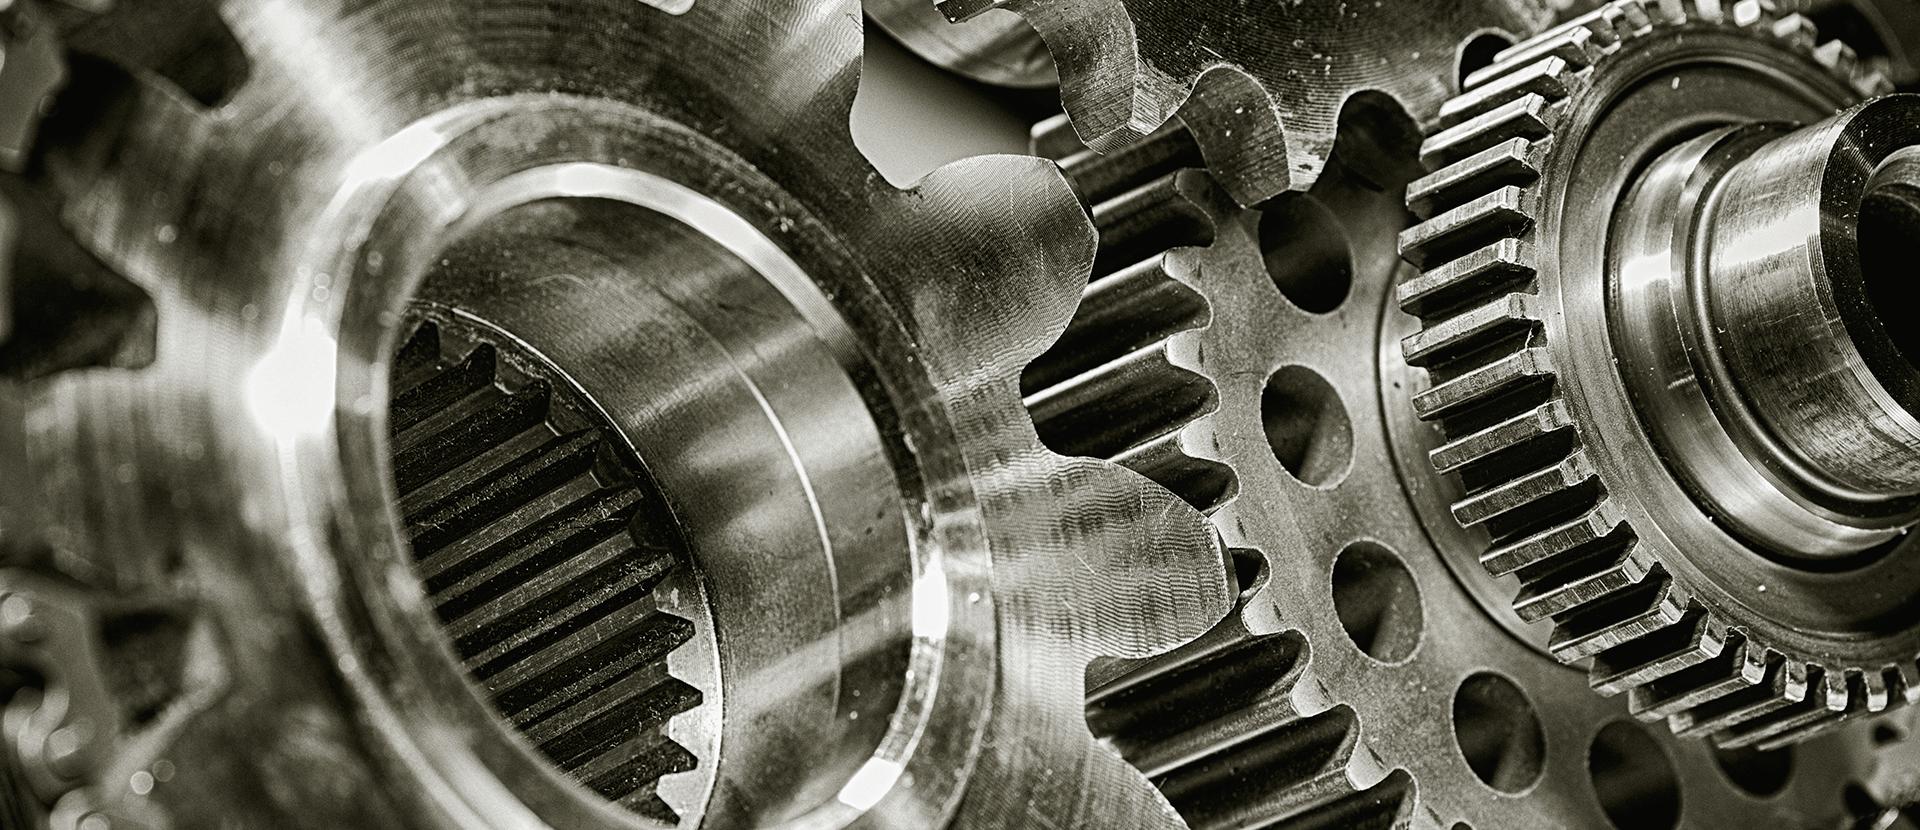 Webinars for Manufacturing Lead Gen